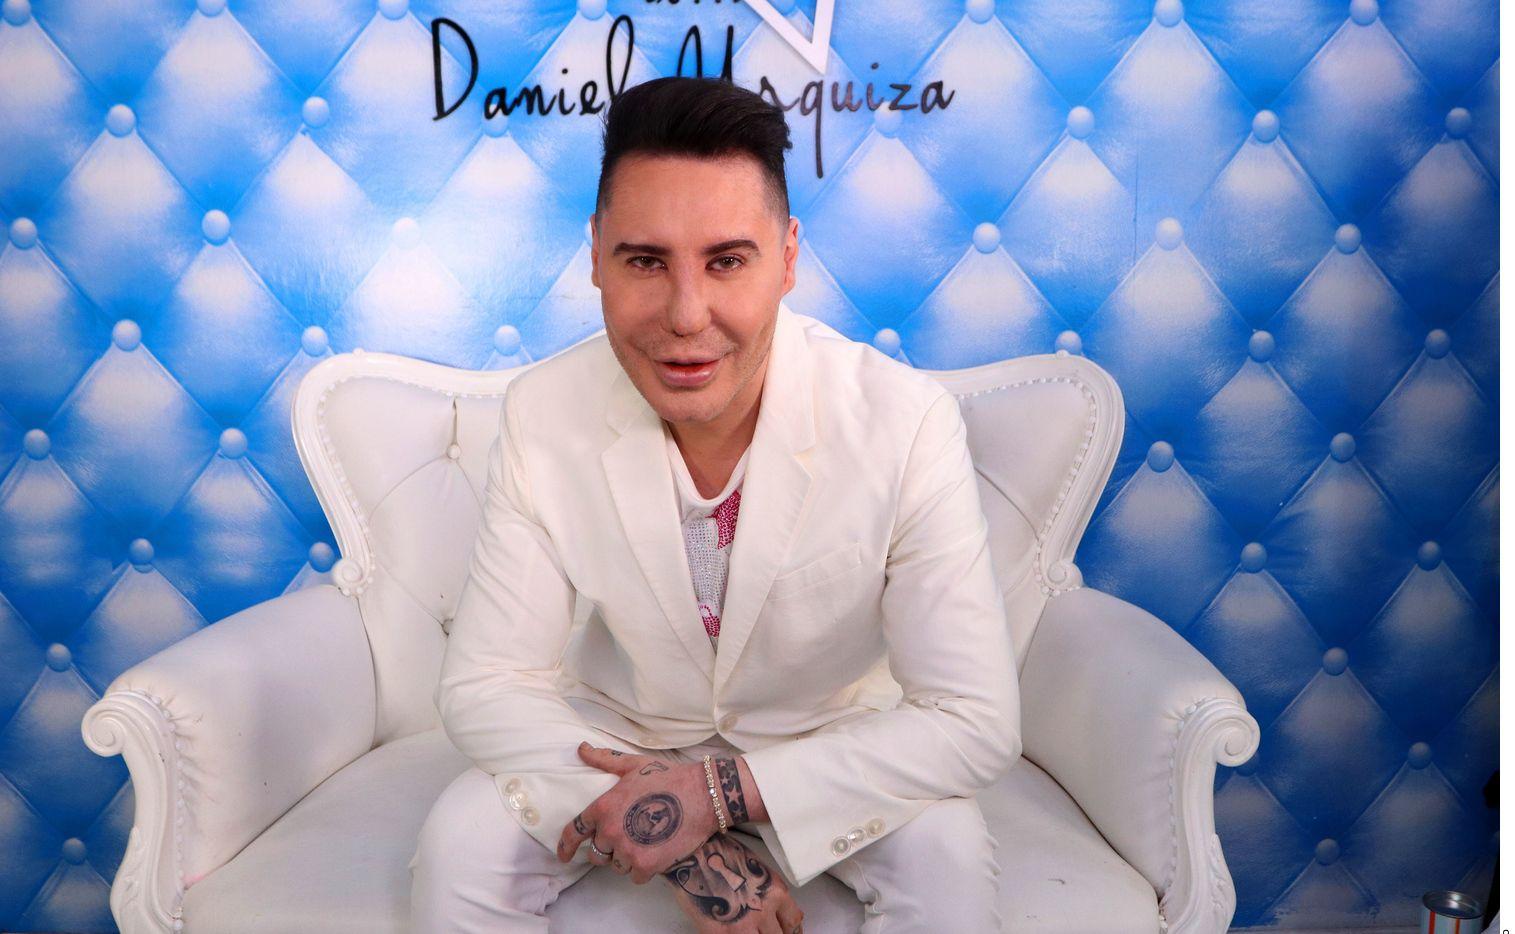 La marca del estilista Daniel Urquiza, Stars Extensiones, confirmó en redes sociales el deceso de Urquiza, quien fue reconocido por su trabajo al colocar extensiones de cabello a celebridades como Paris Hilton y Carmen Electra.